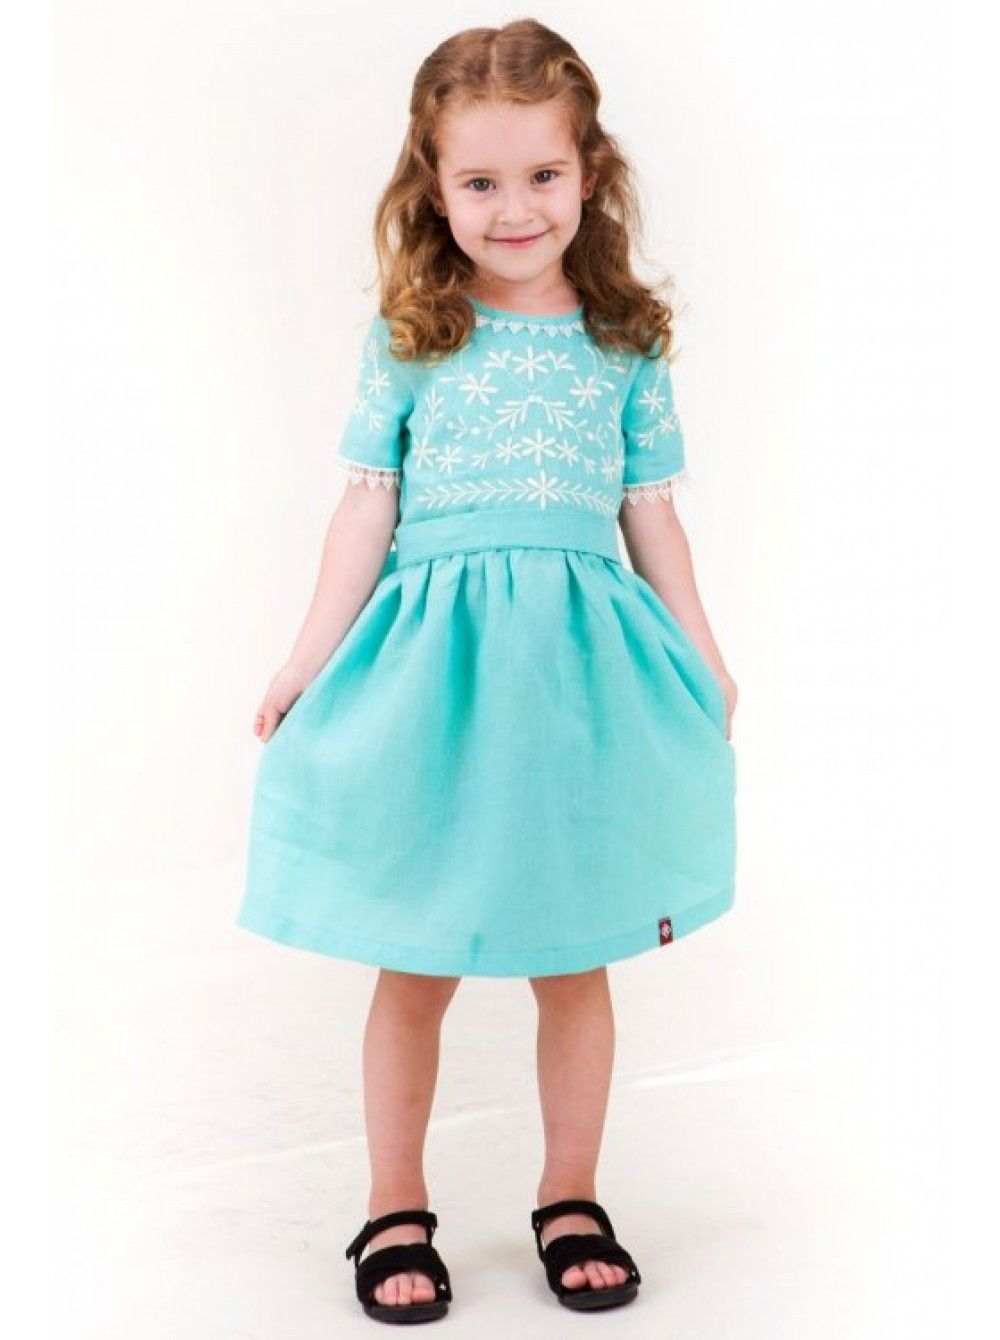 038e72c3276157 Дитяча сукня з натурального льону ментолового кольору - є водночас  практичним щоденним та святковим одягом для